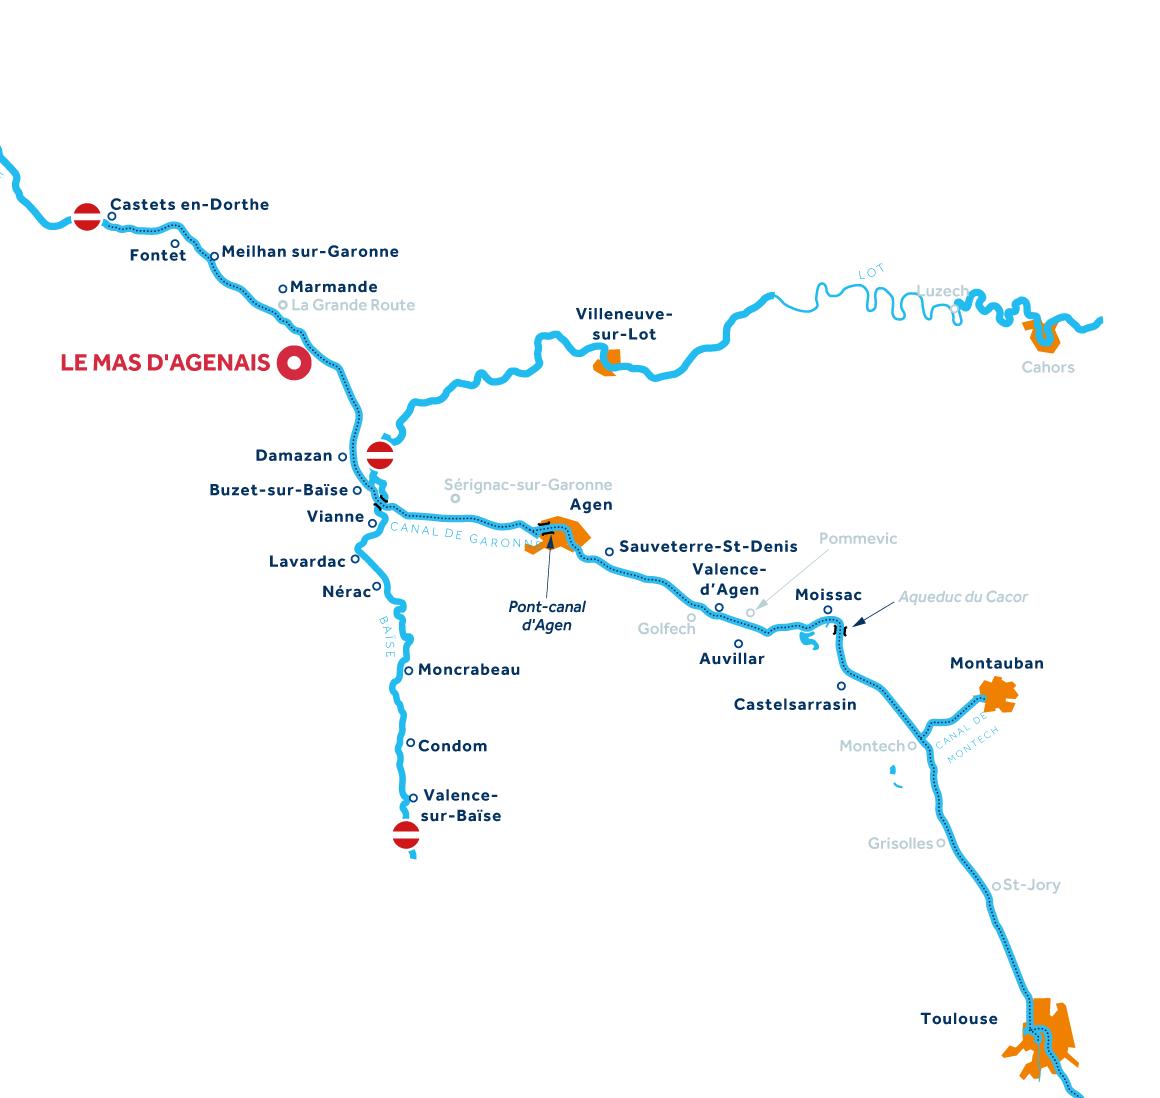 Aquitaine region map